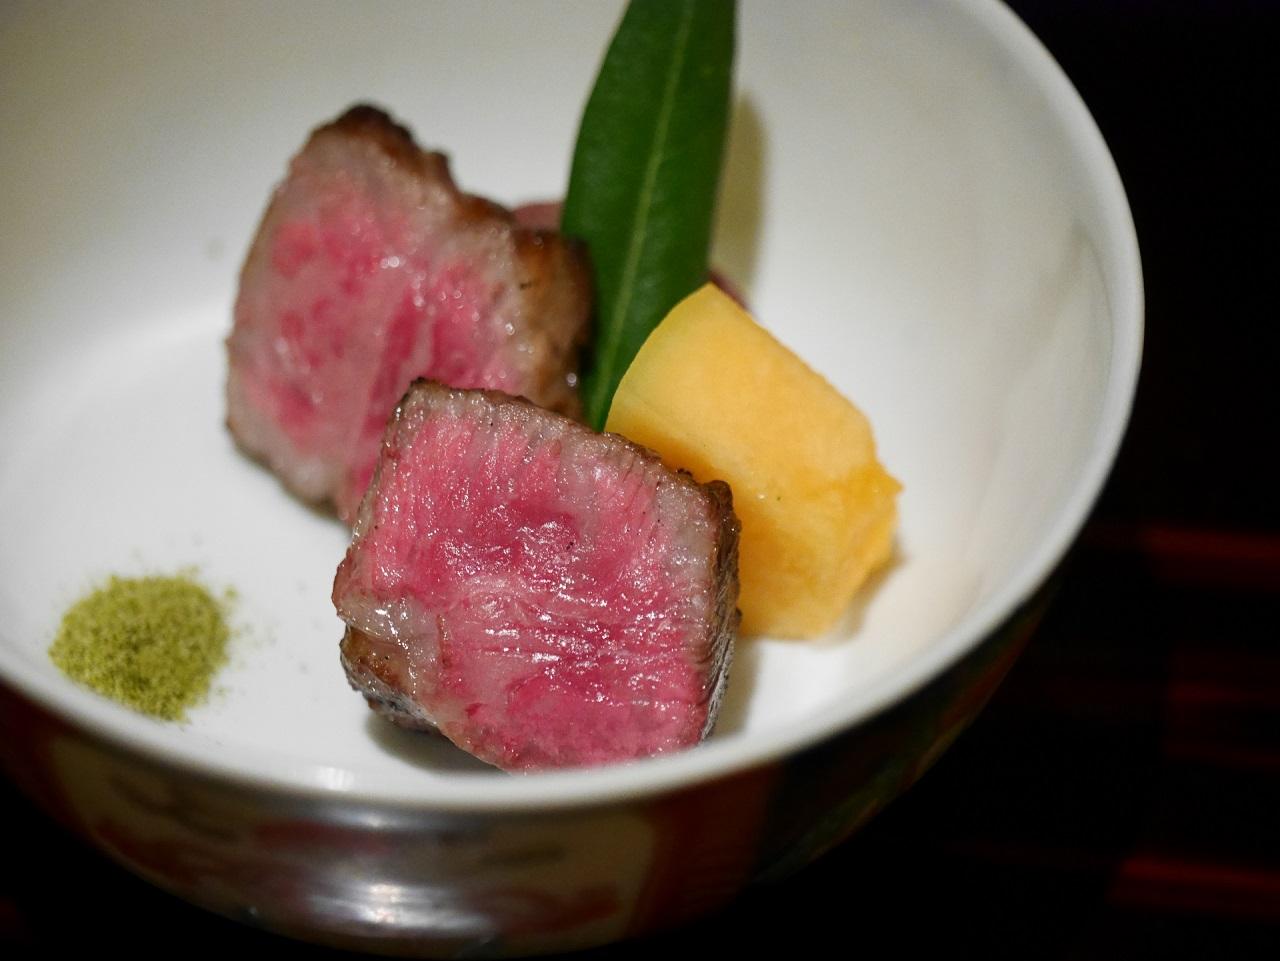 อาหาร จ.คางาวะ (Kagawa) - Olive Beef